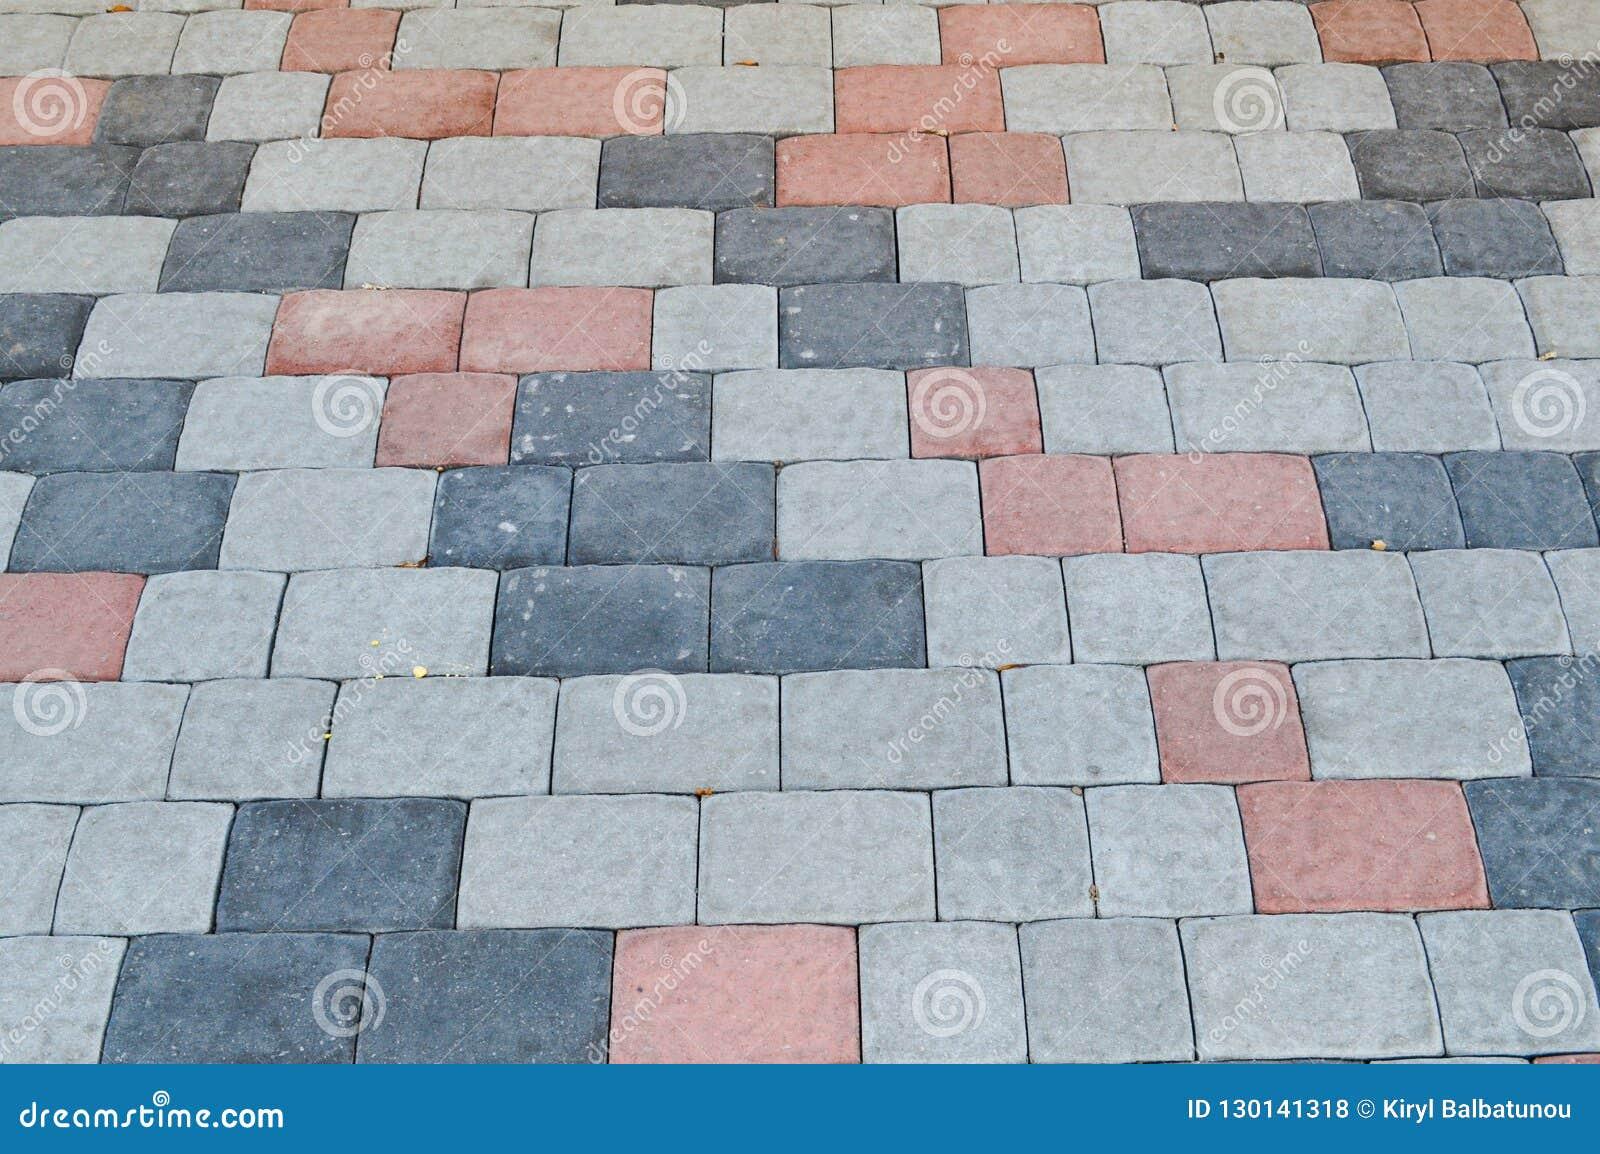 Textura de pavimentos da pedra concreta retangular cinzenta na estrada com emendas O fundo